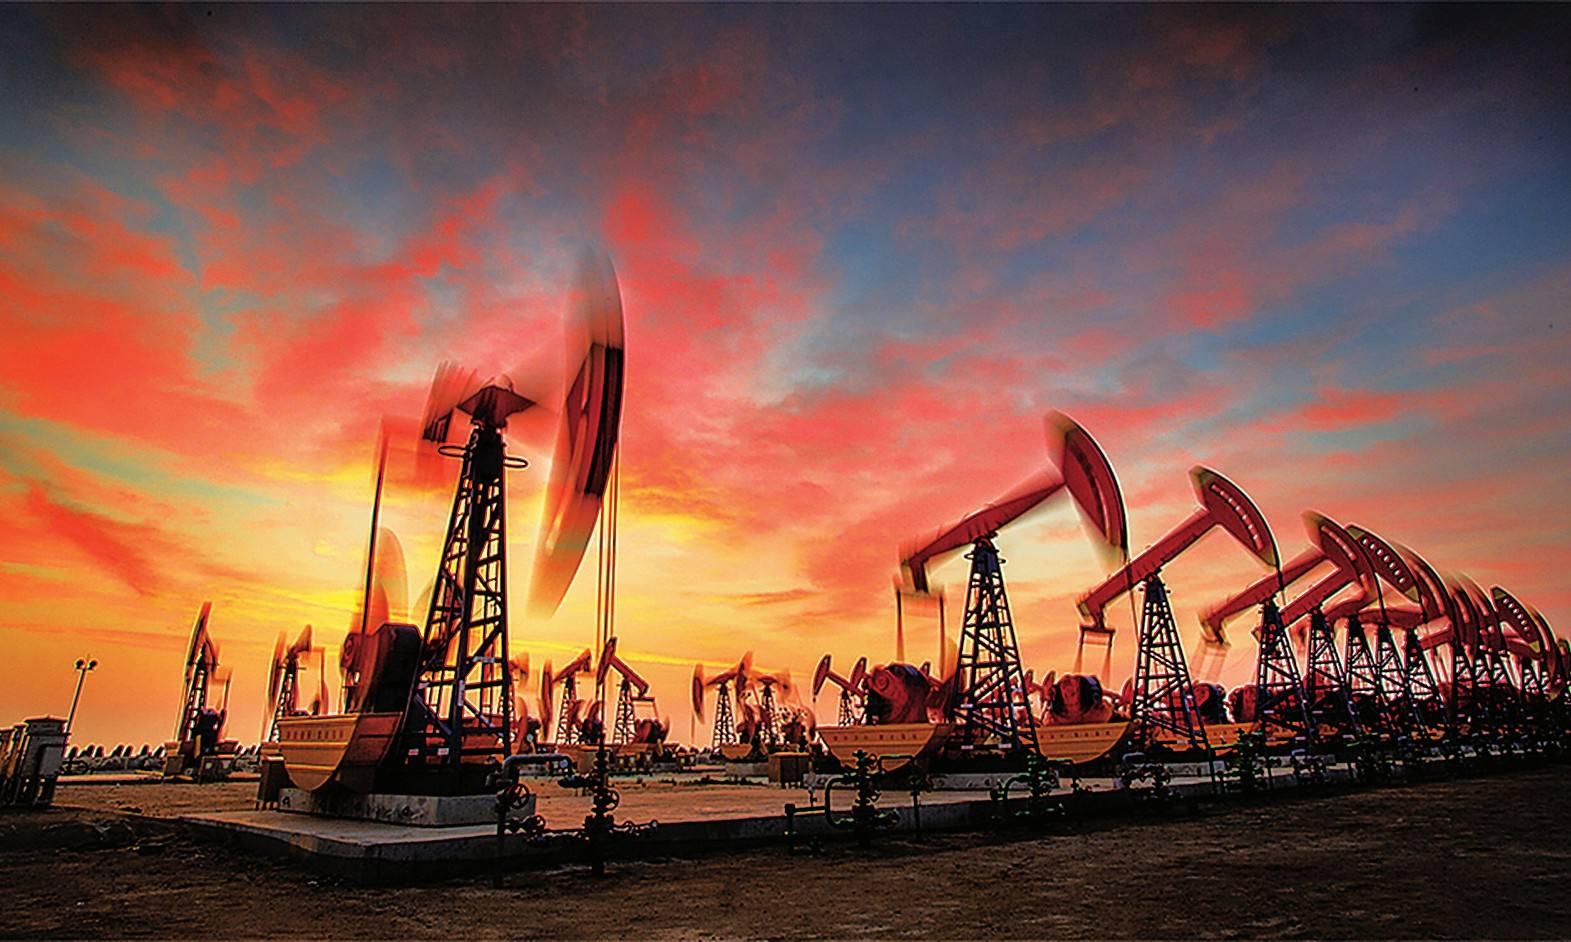 要涨价了 新一轮油价调整窗口9月6日24时开启